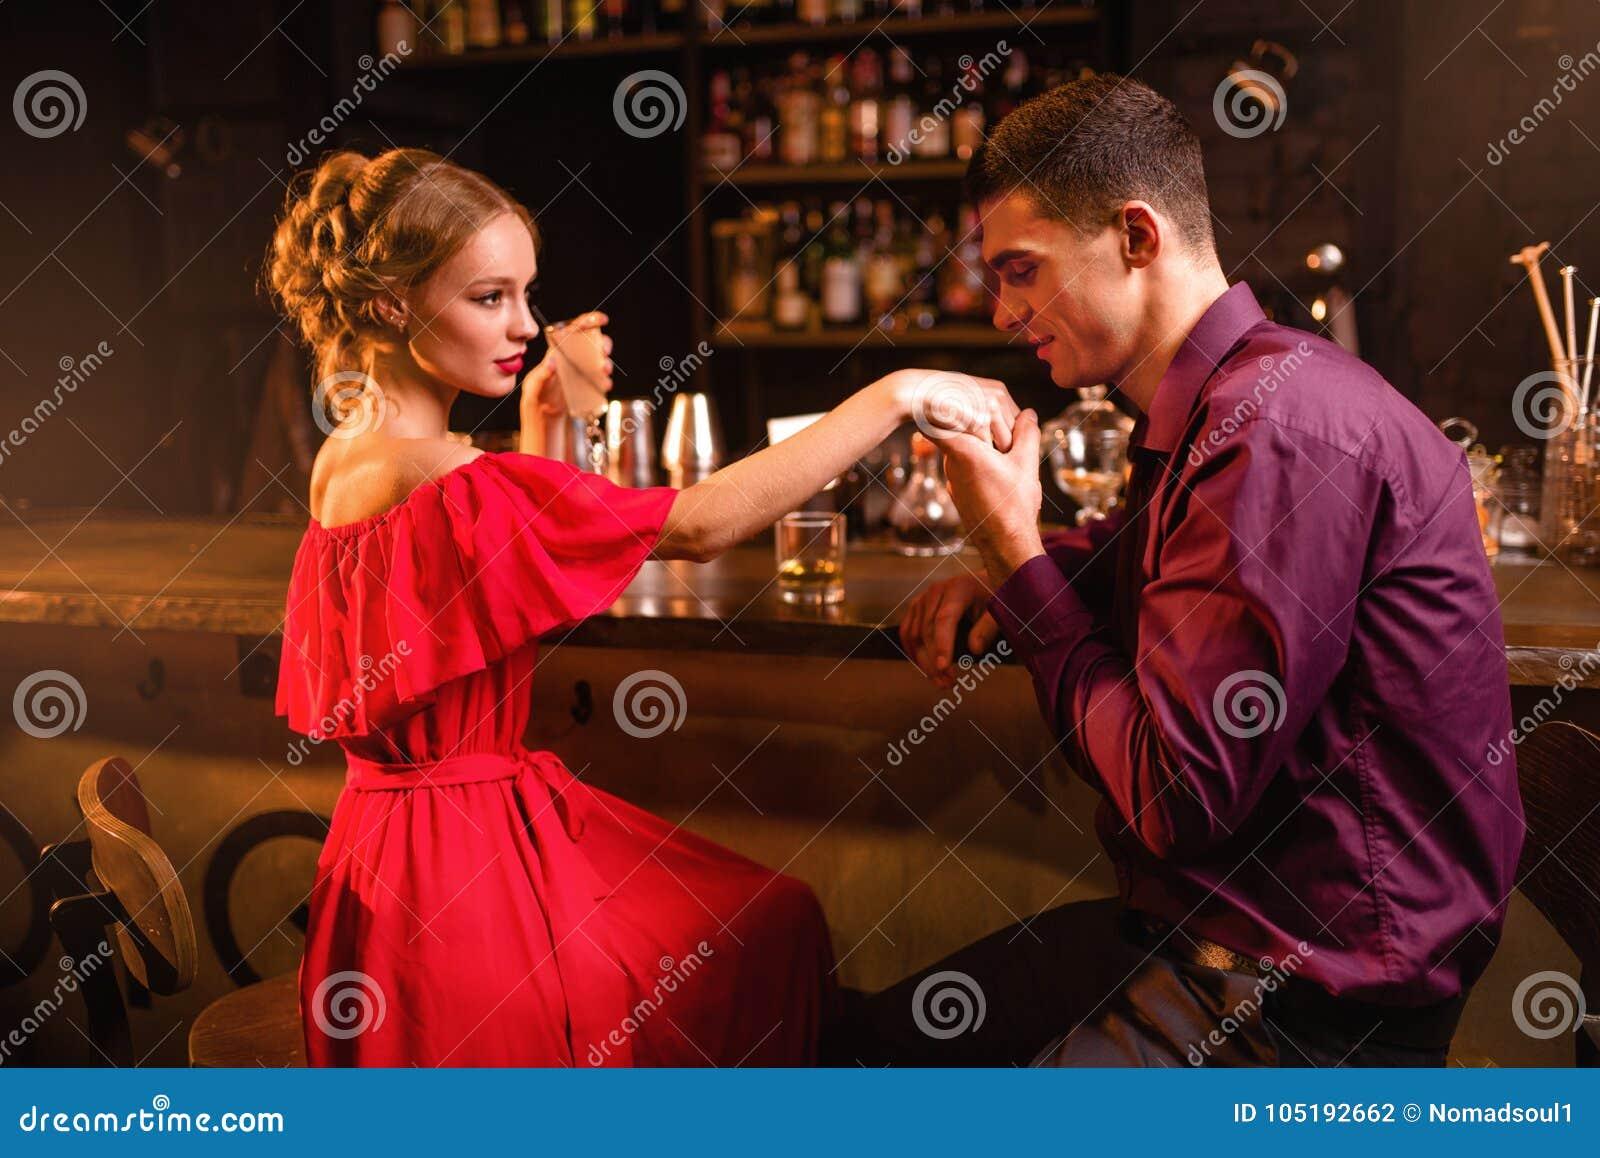 Date romantique dans le restaurant, la femme flirte avec l homme